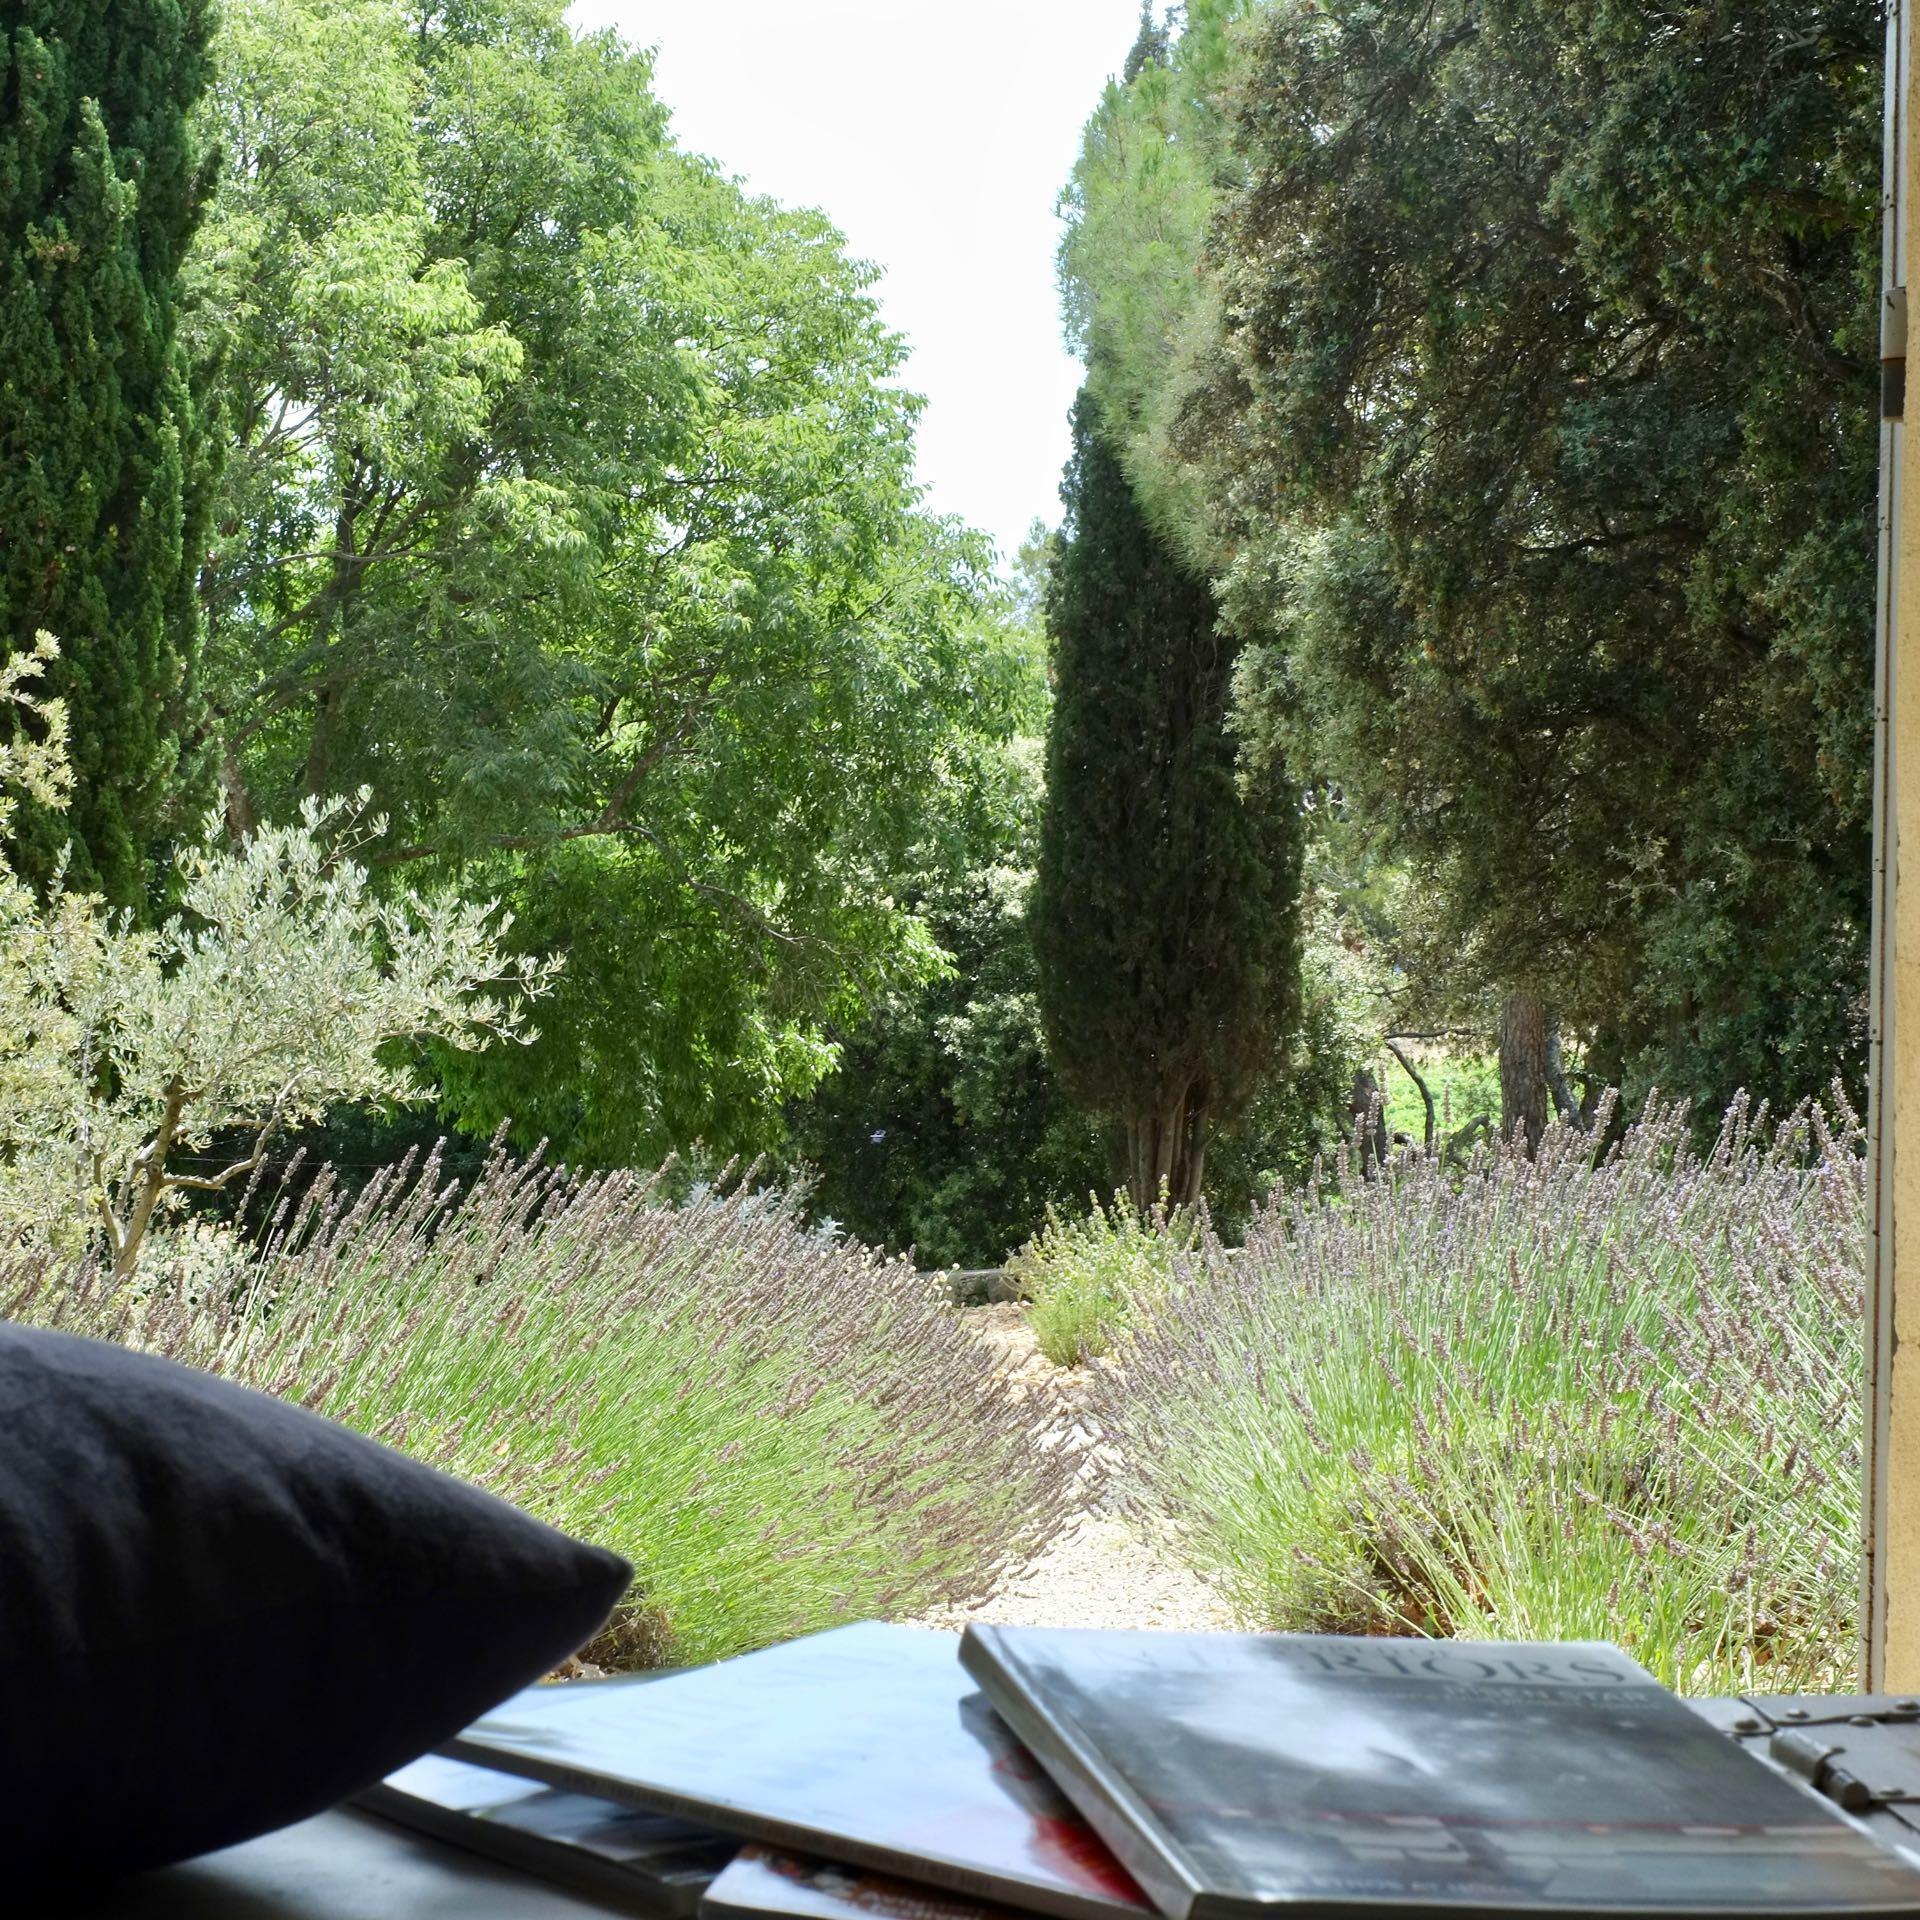 Lavender in the backyard